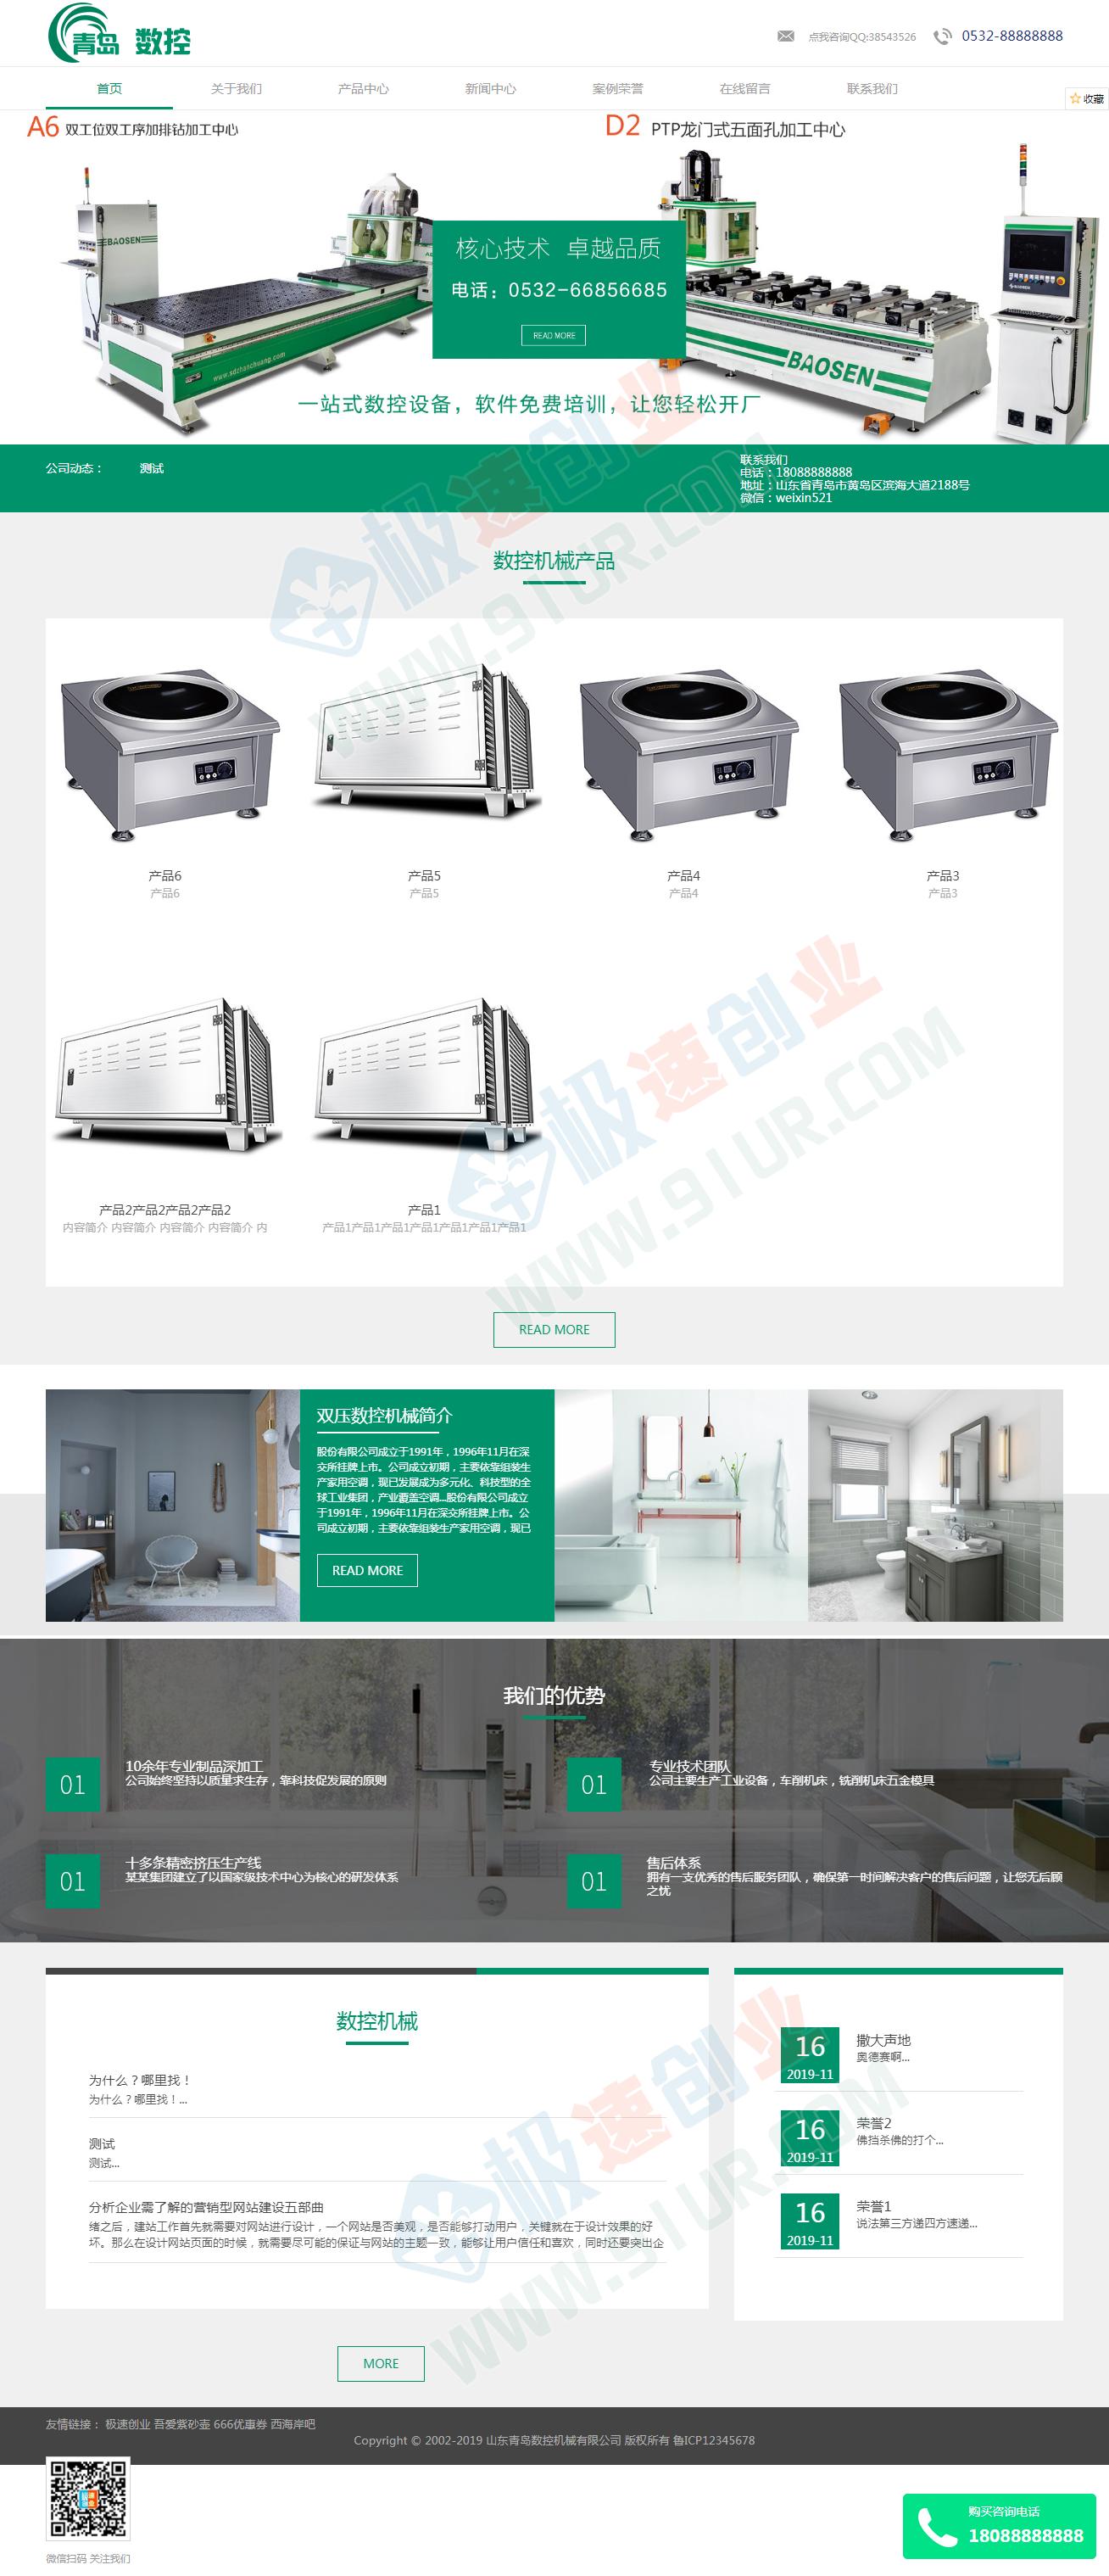 (自适应手机版)数控机械类网站帝国cms模板 HTML5机械车床加工网站源码下载-电脑版